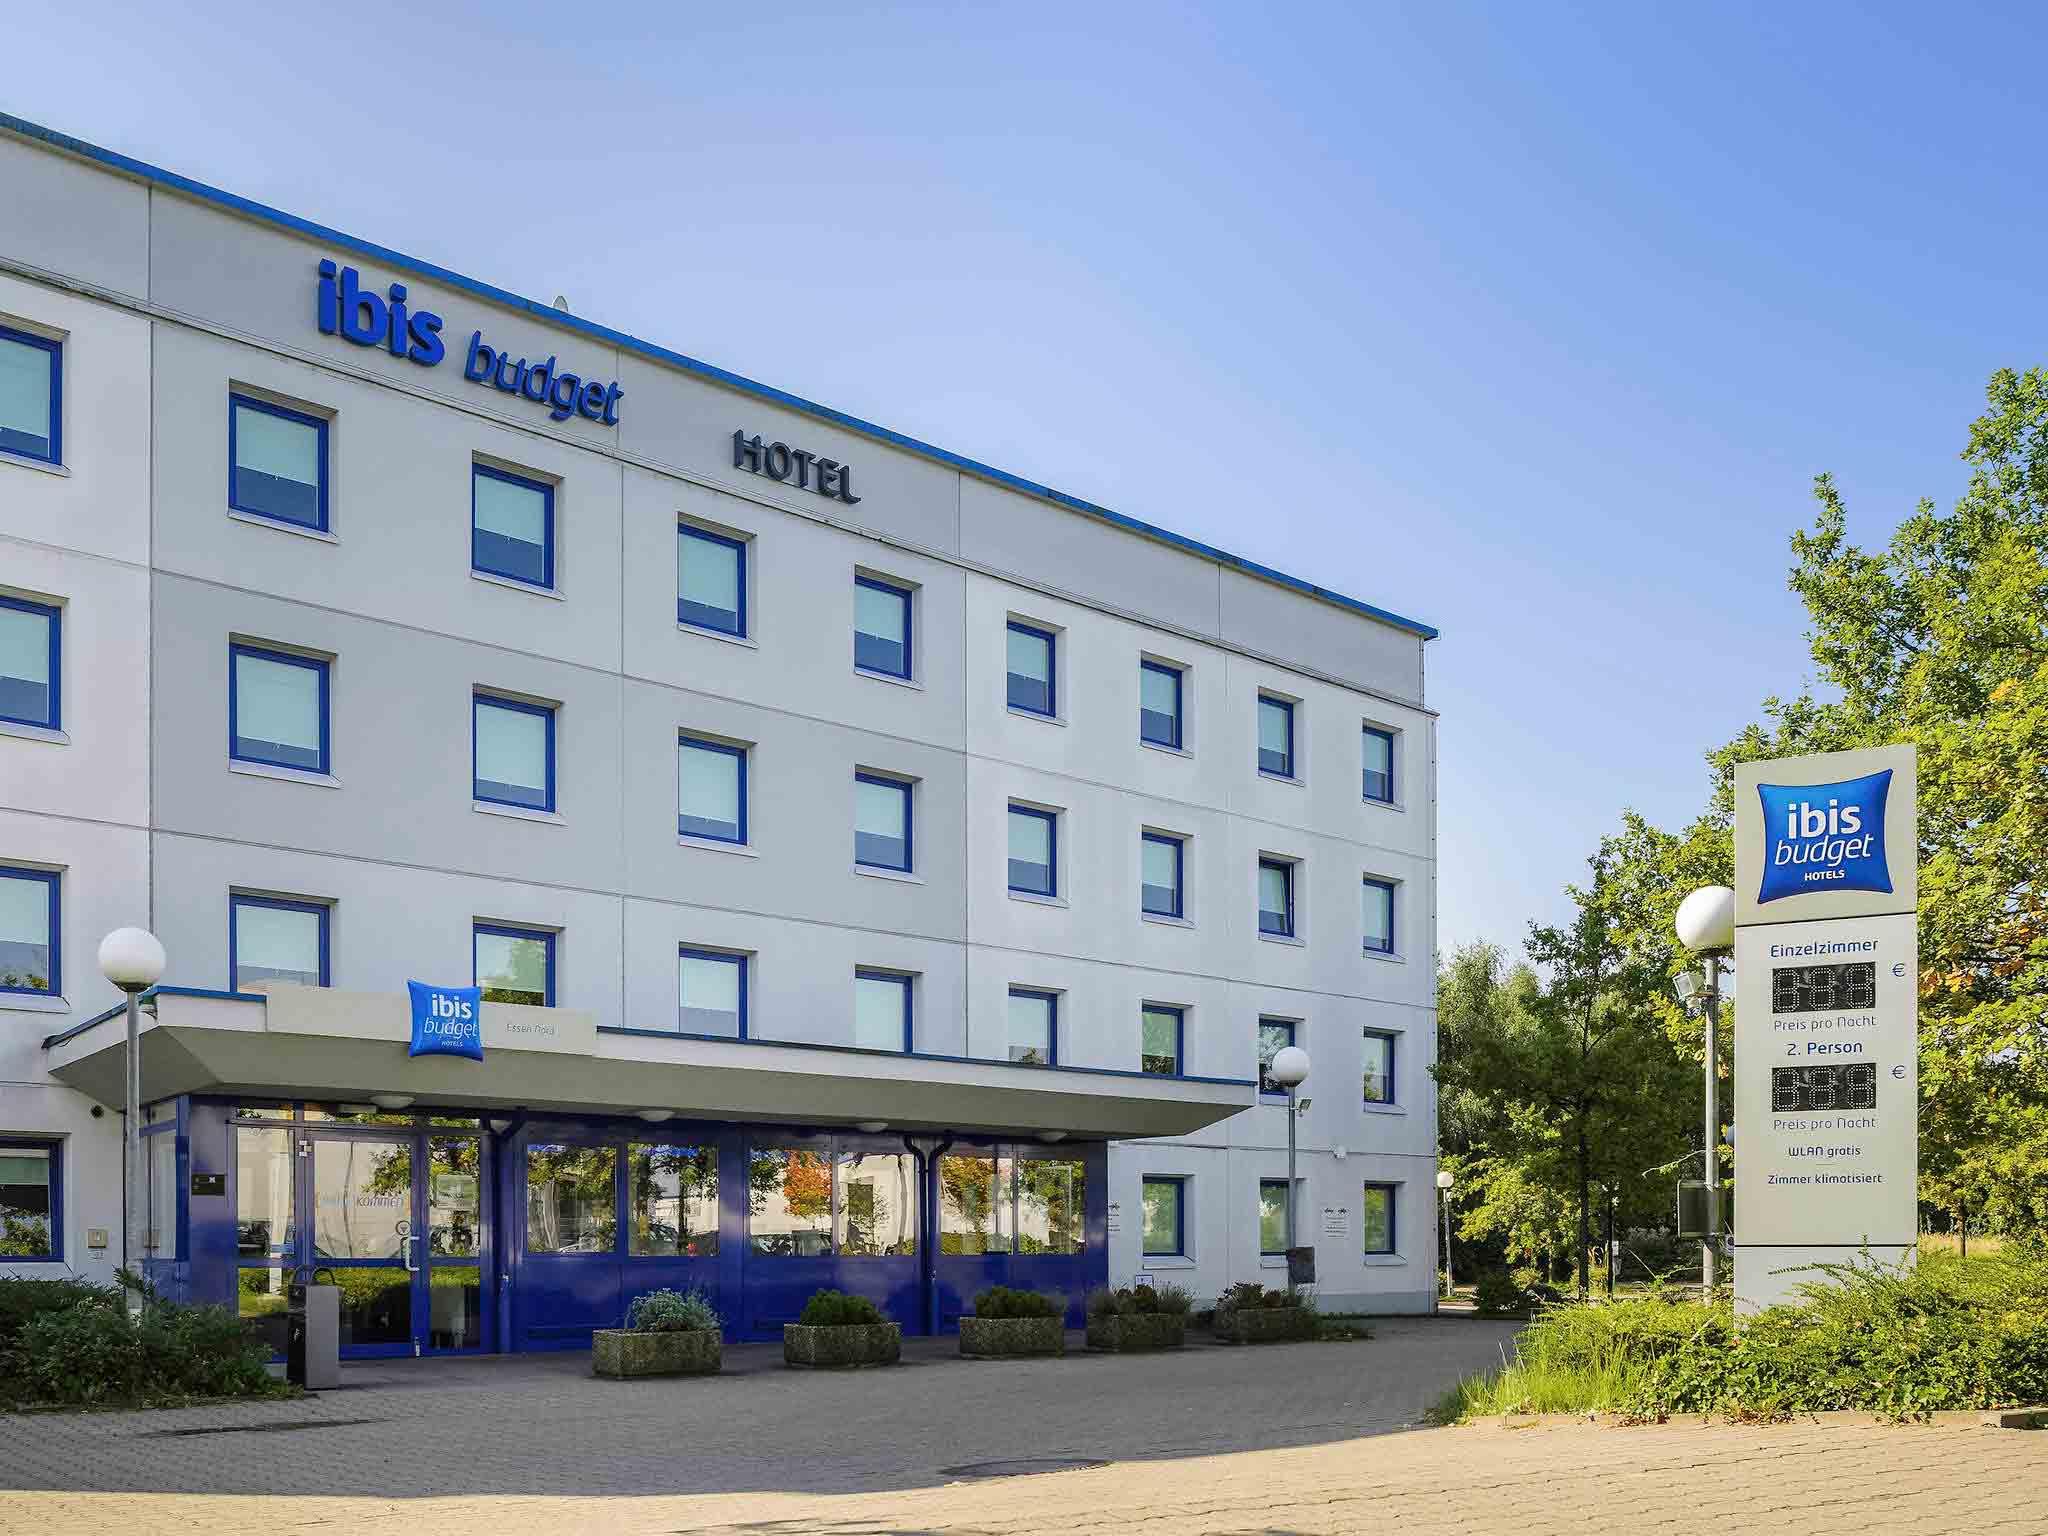 ホテル – イビスバジェットエッセンノルト